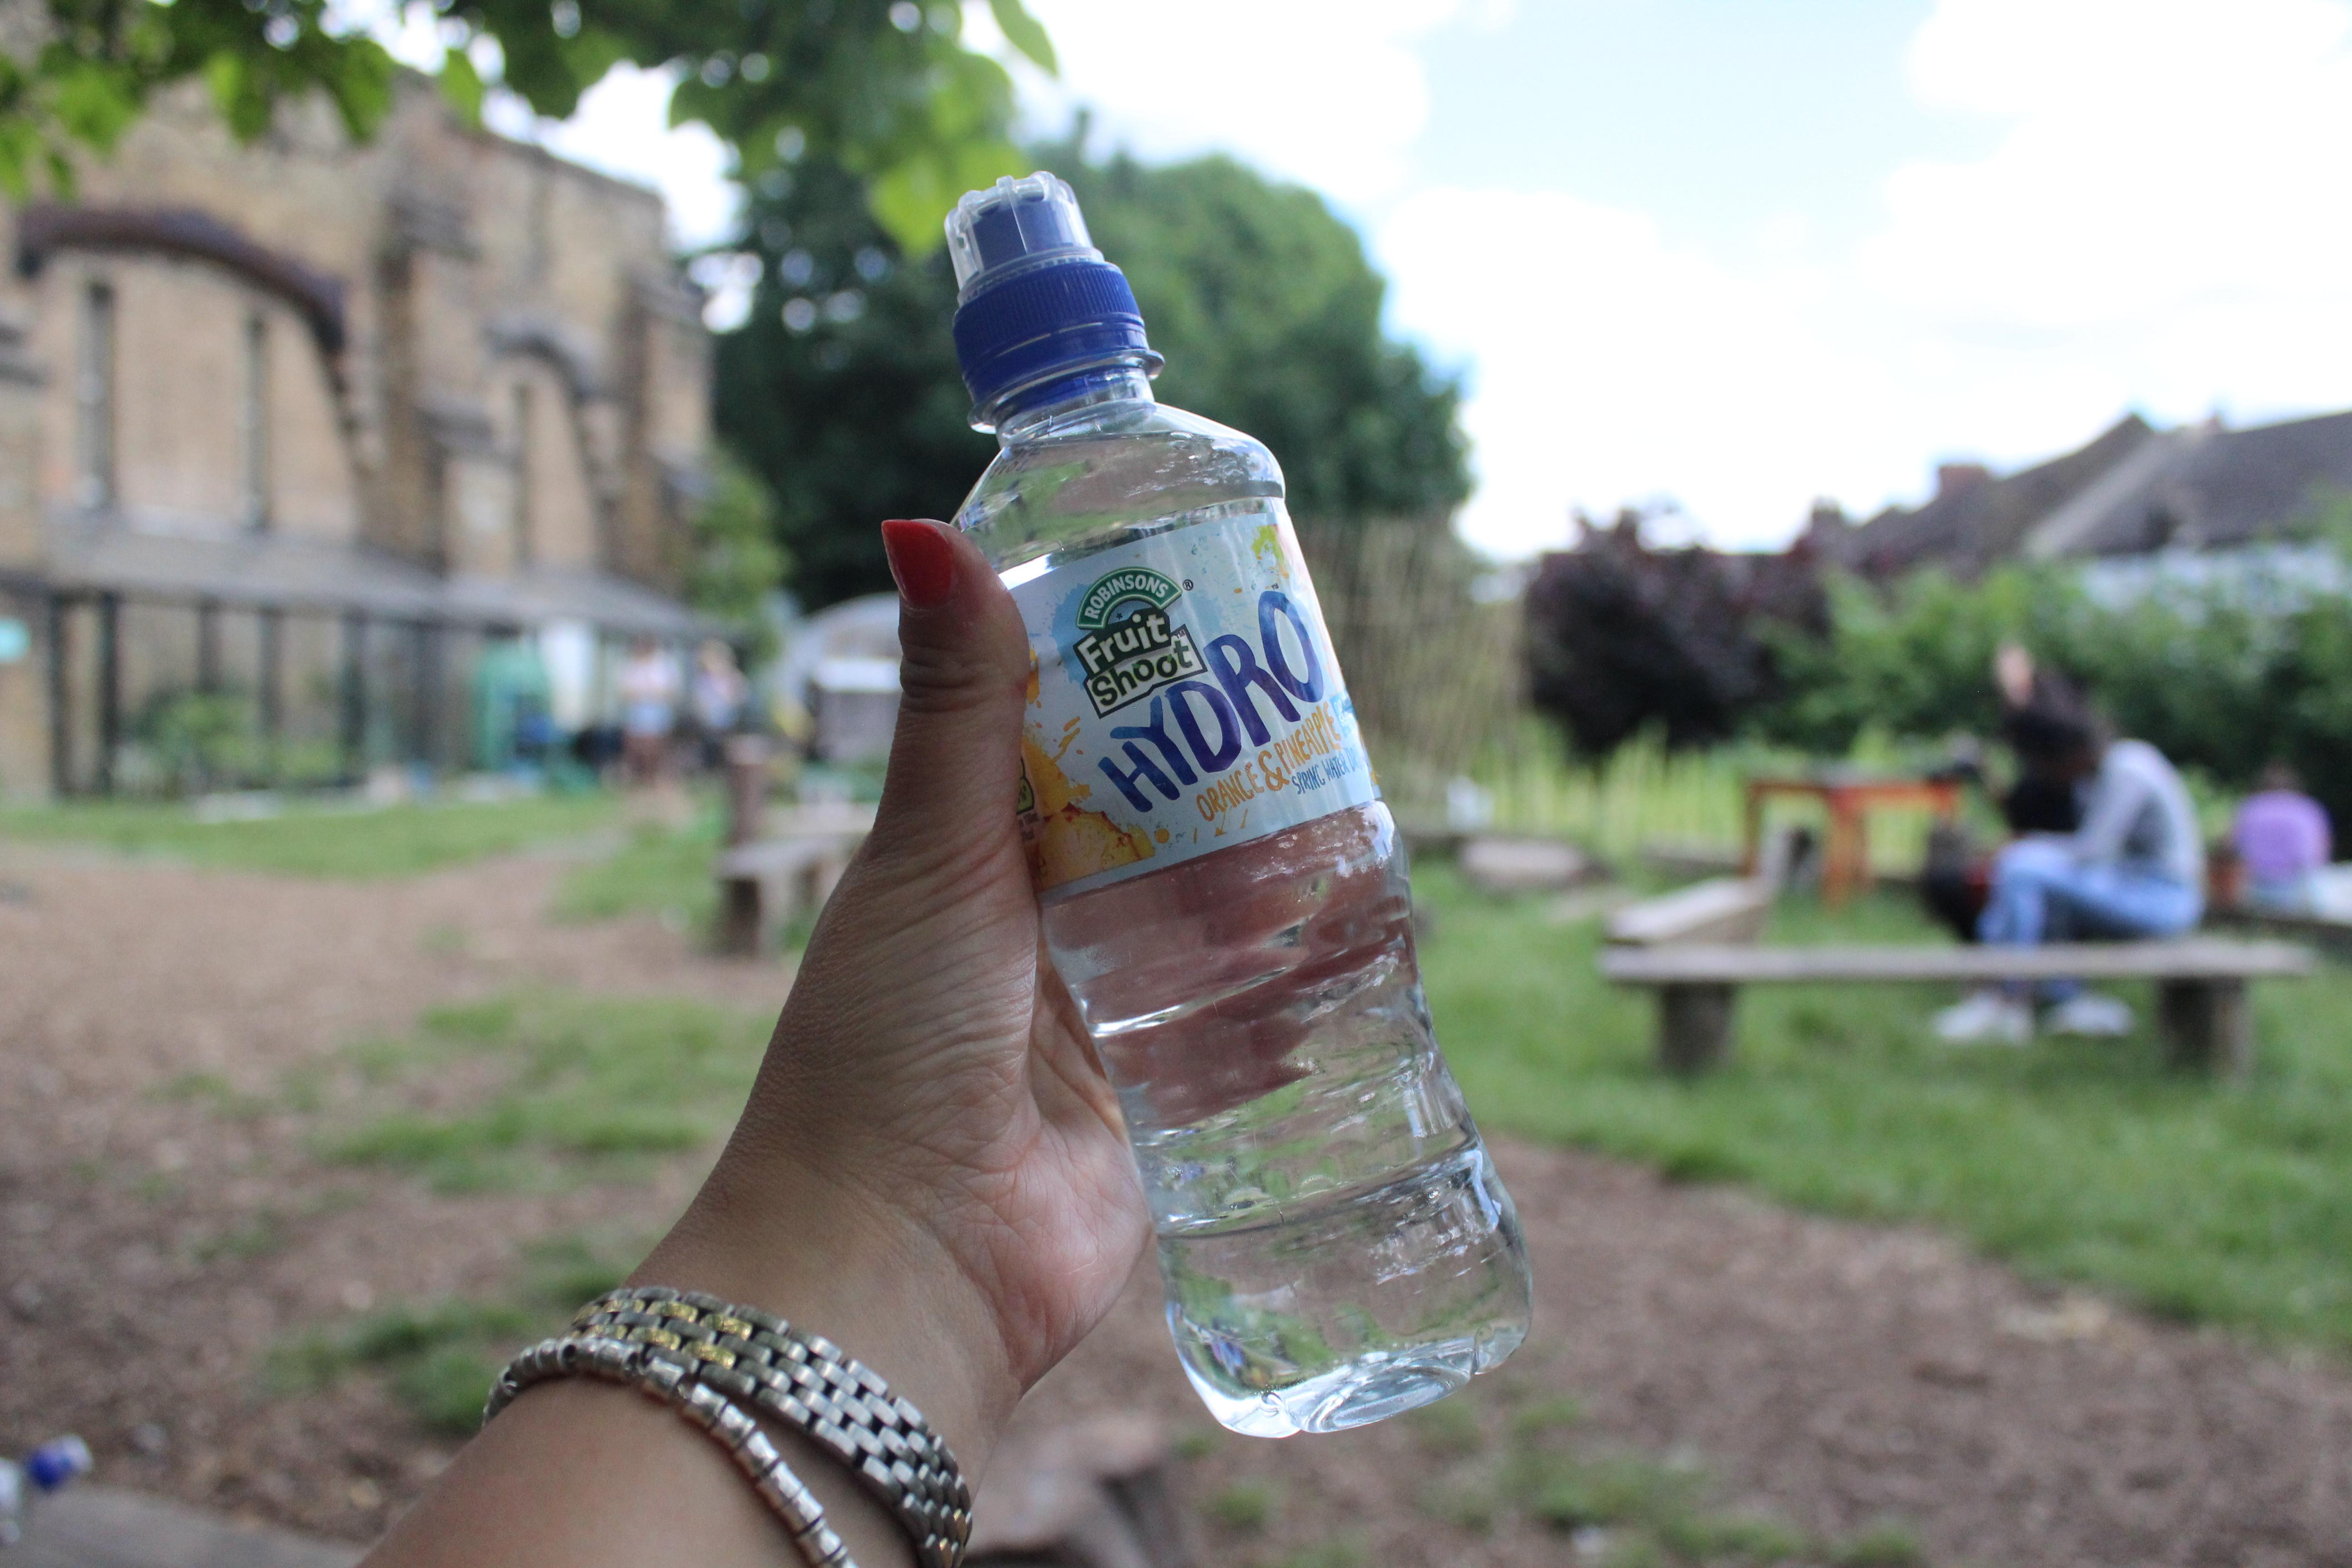 #itsmything, hydrating kids